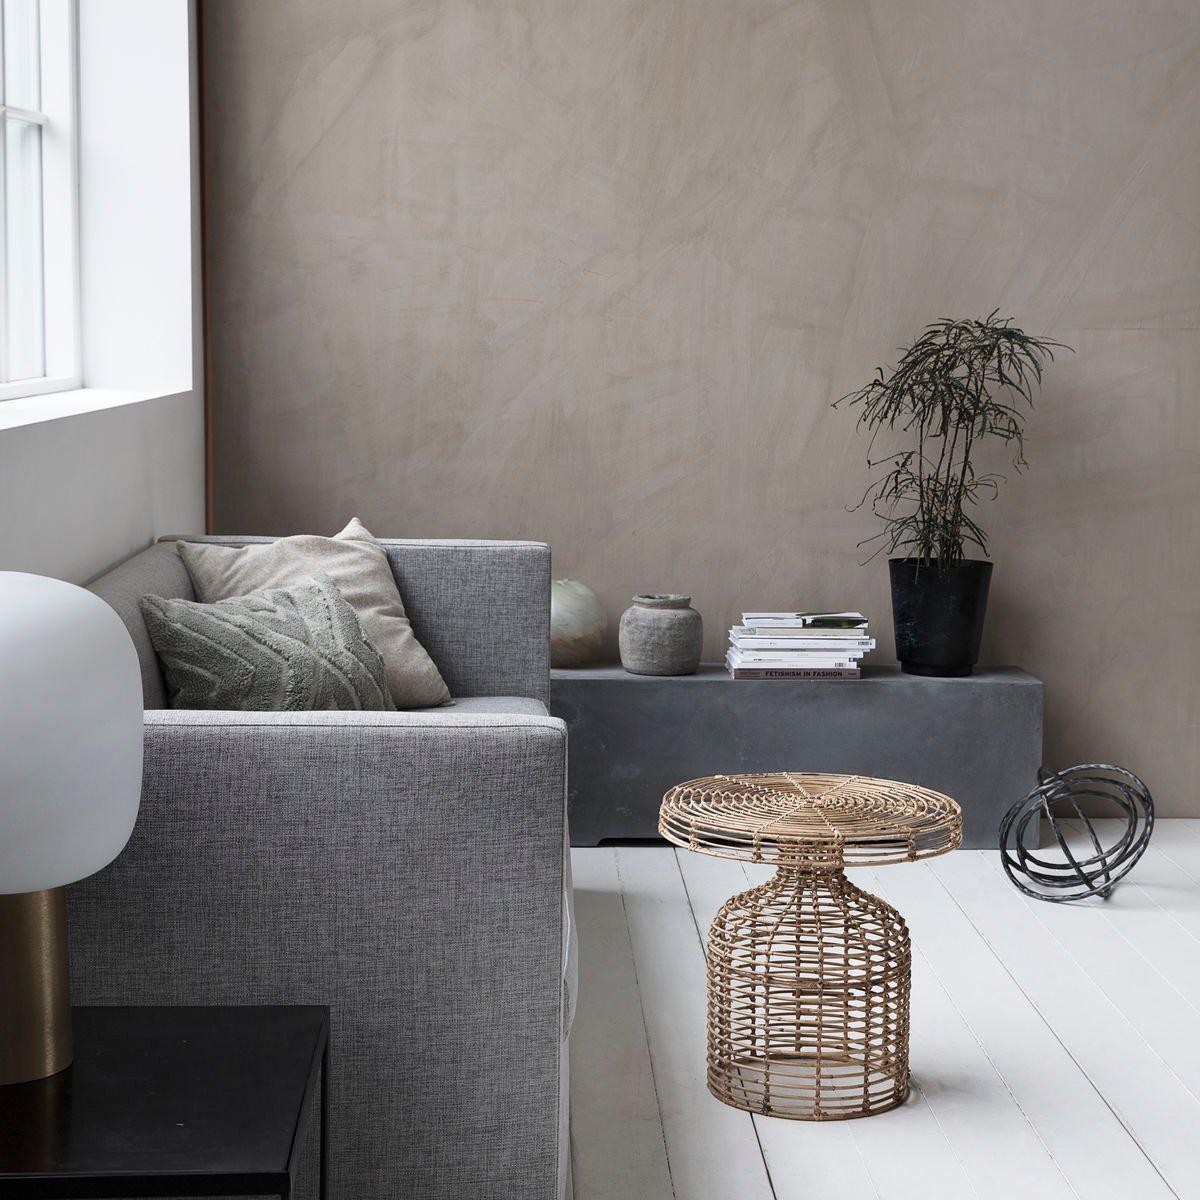 rattan beistelltisch von house doctor bei pamono kaufen. Black Bedroom Furniture Sets. Home Design Ideas